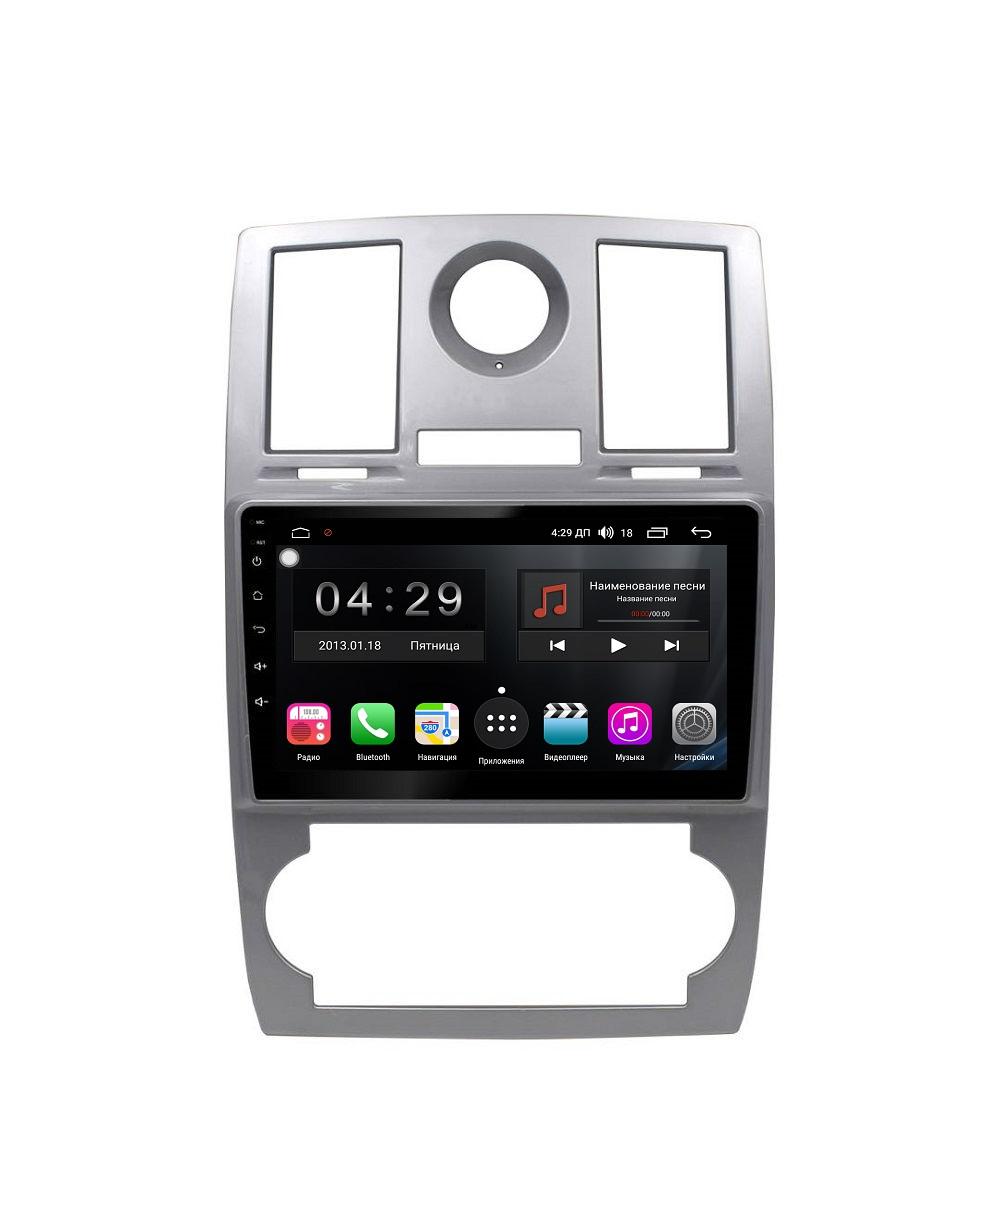 Штатная магнитола FarCar s300-SIM 4G для Chrysler 300CC на Android (RG206RB) (+ Камера заднего вида в подарок!)